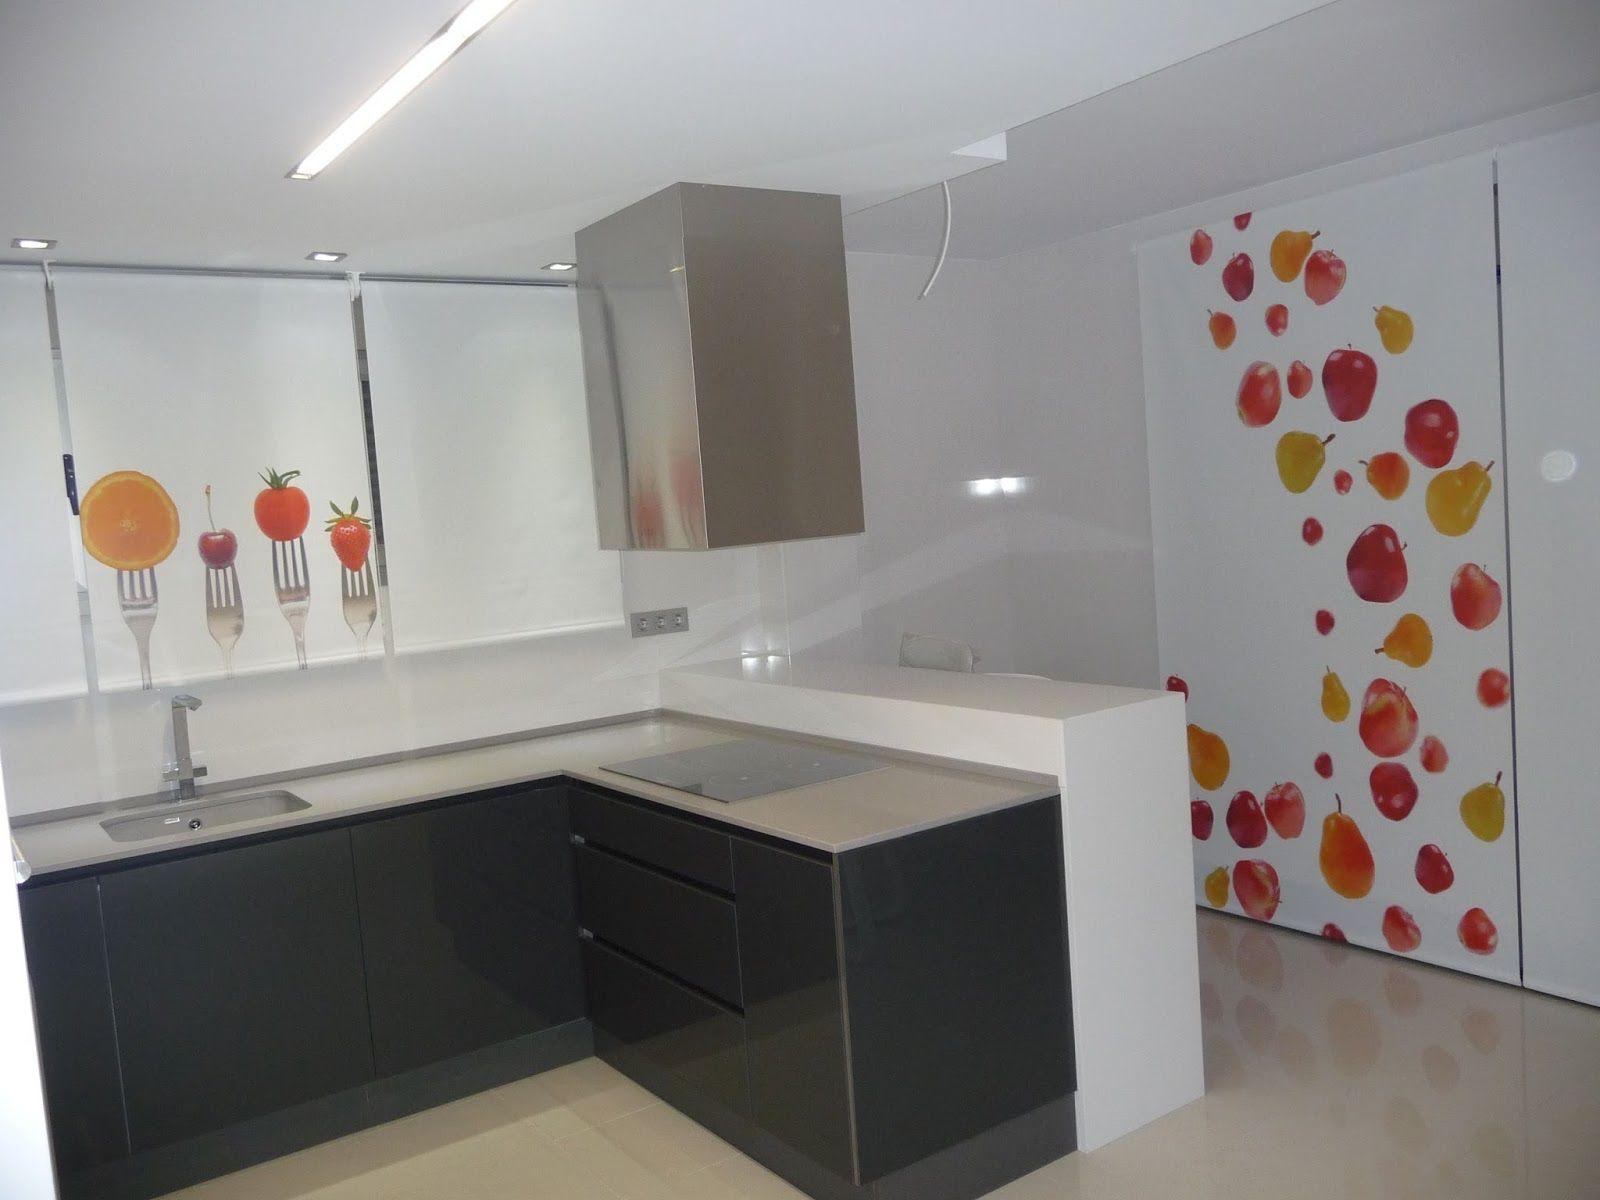 Cortinas de cocina modernas 2014 buscar con google - Cortina cocina moderna ...